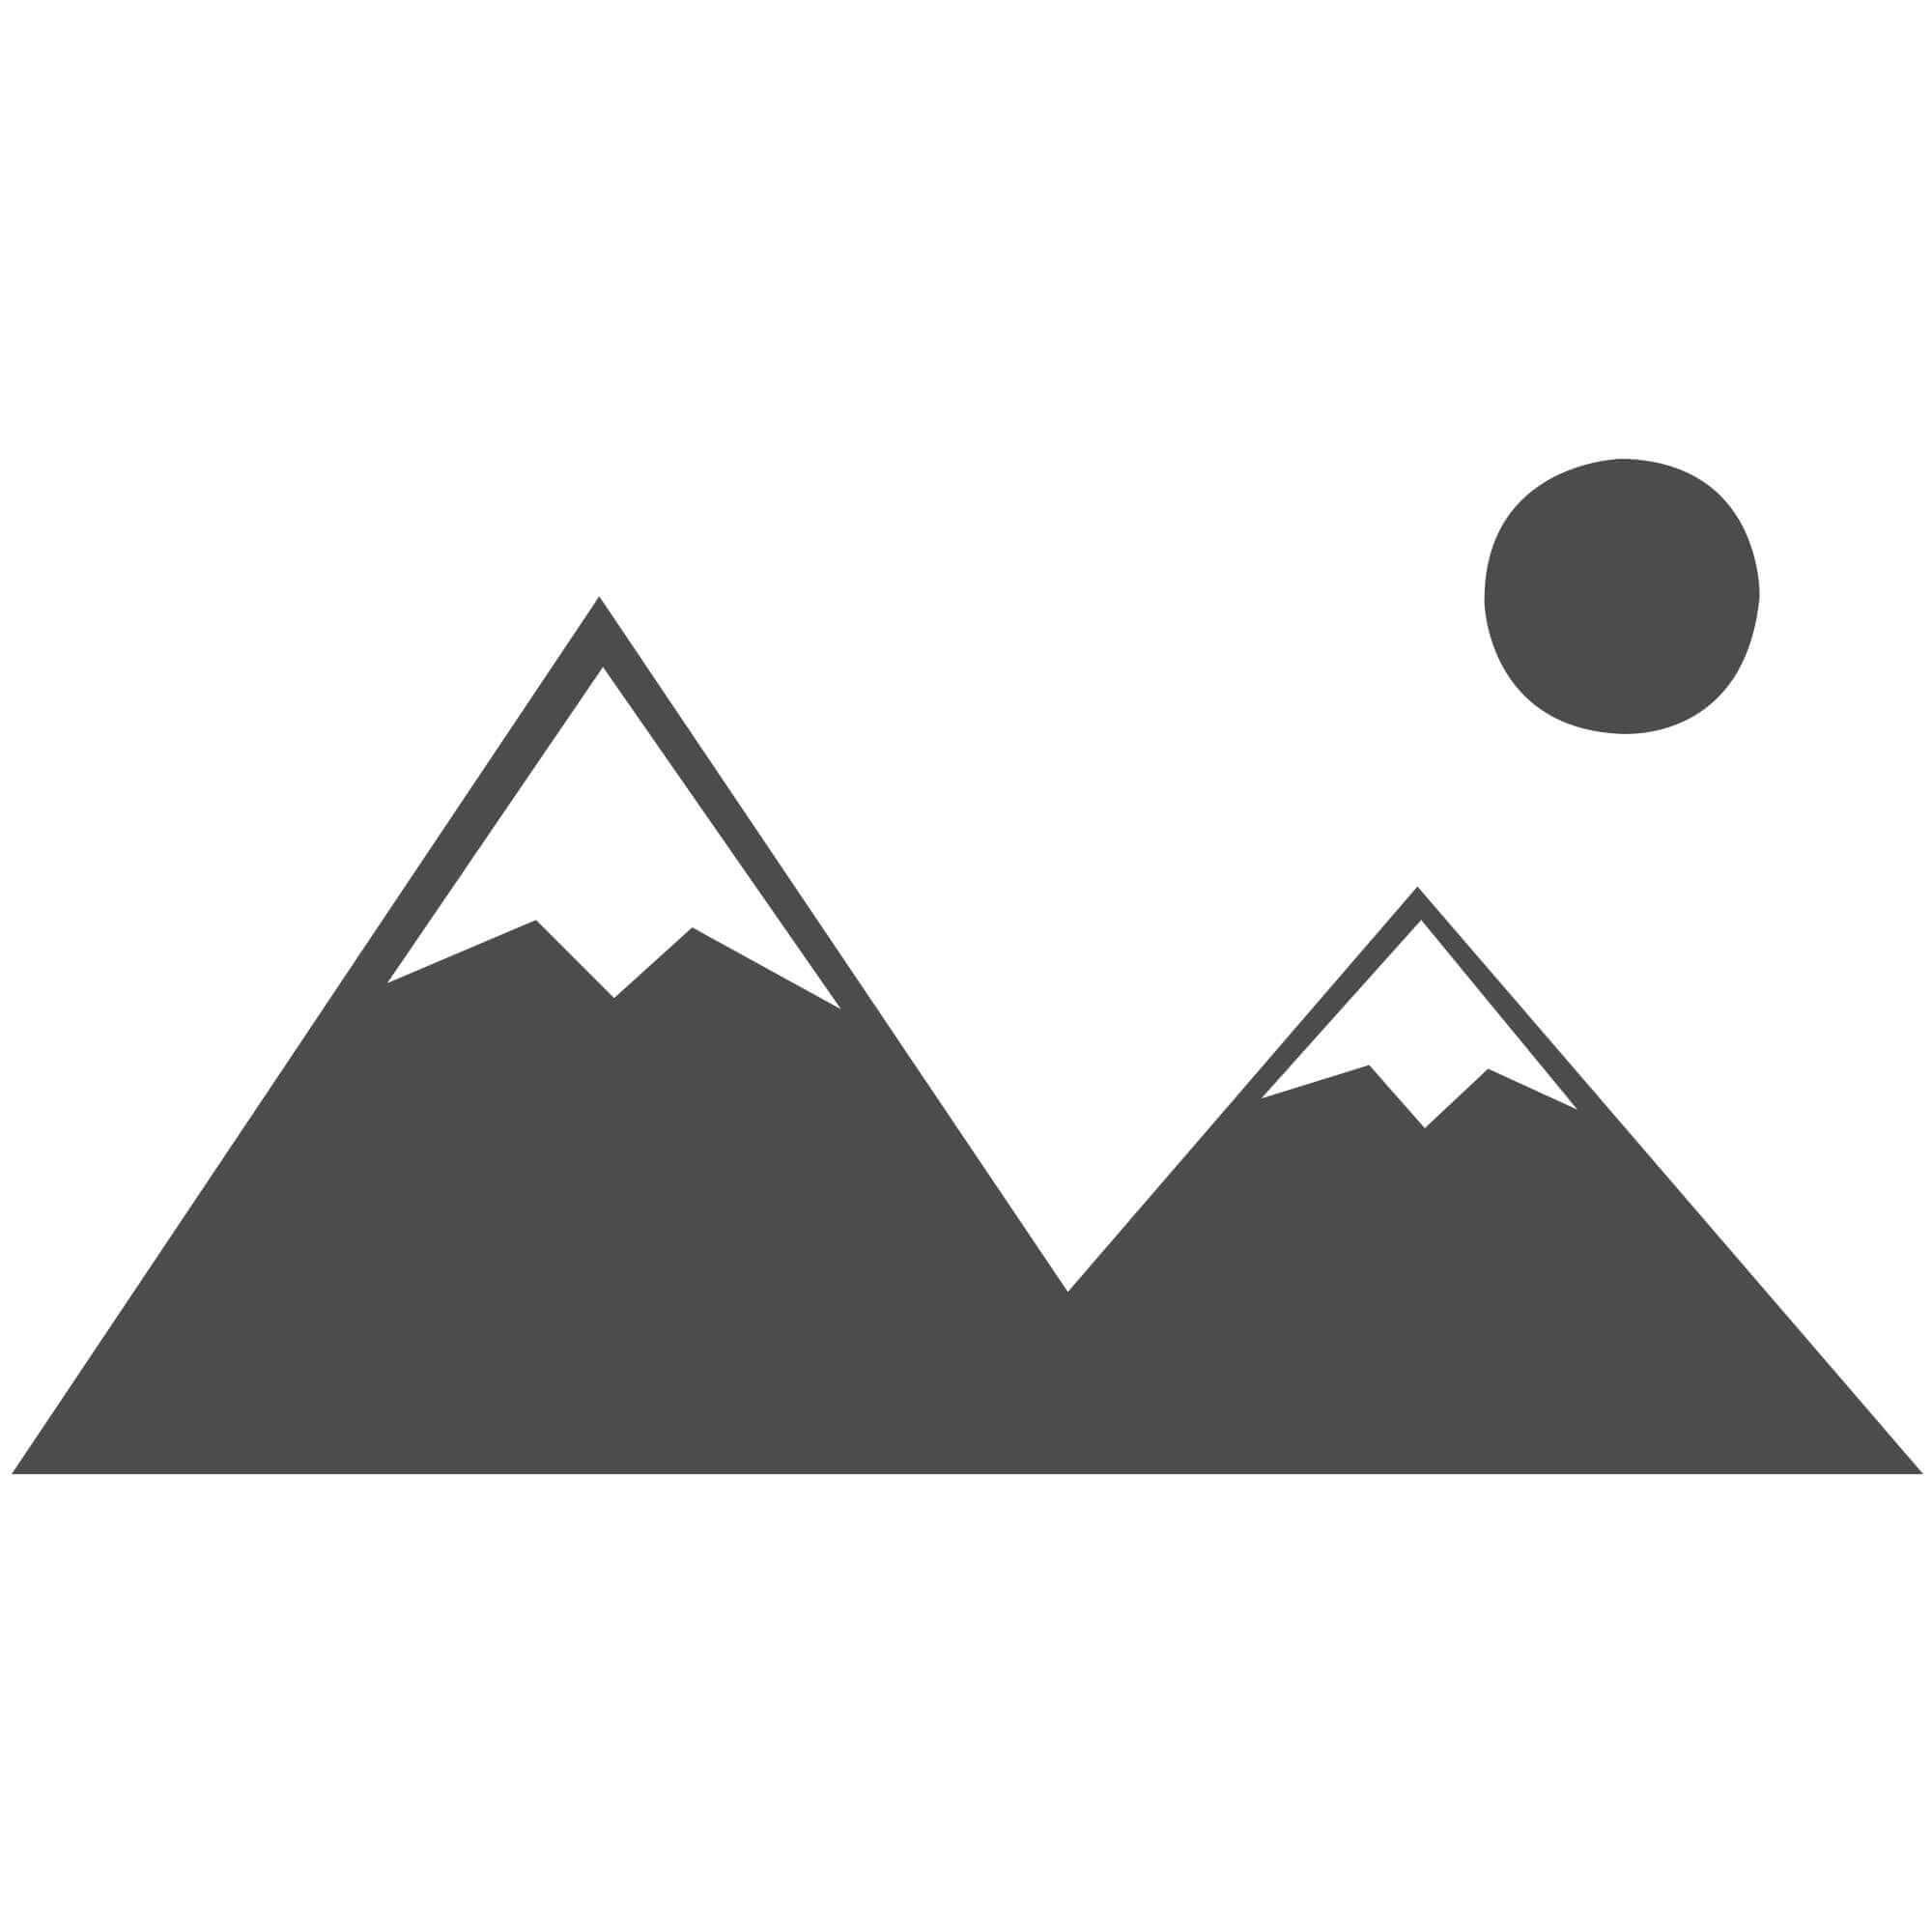 Stovax 5 piece hearth gate